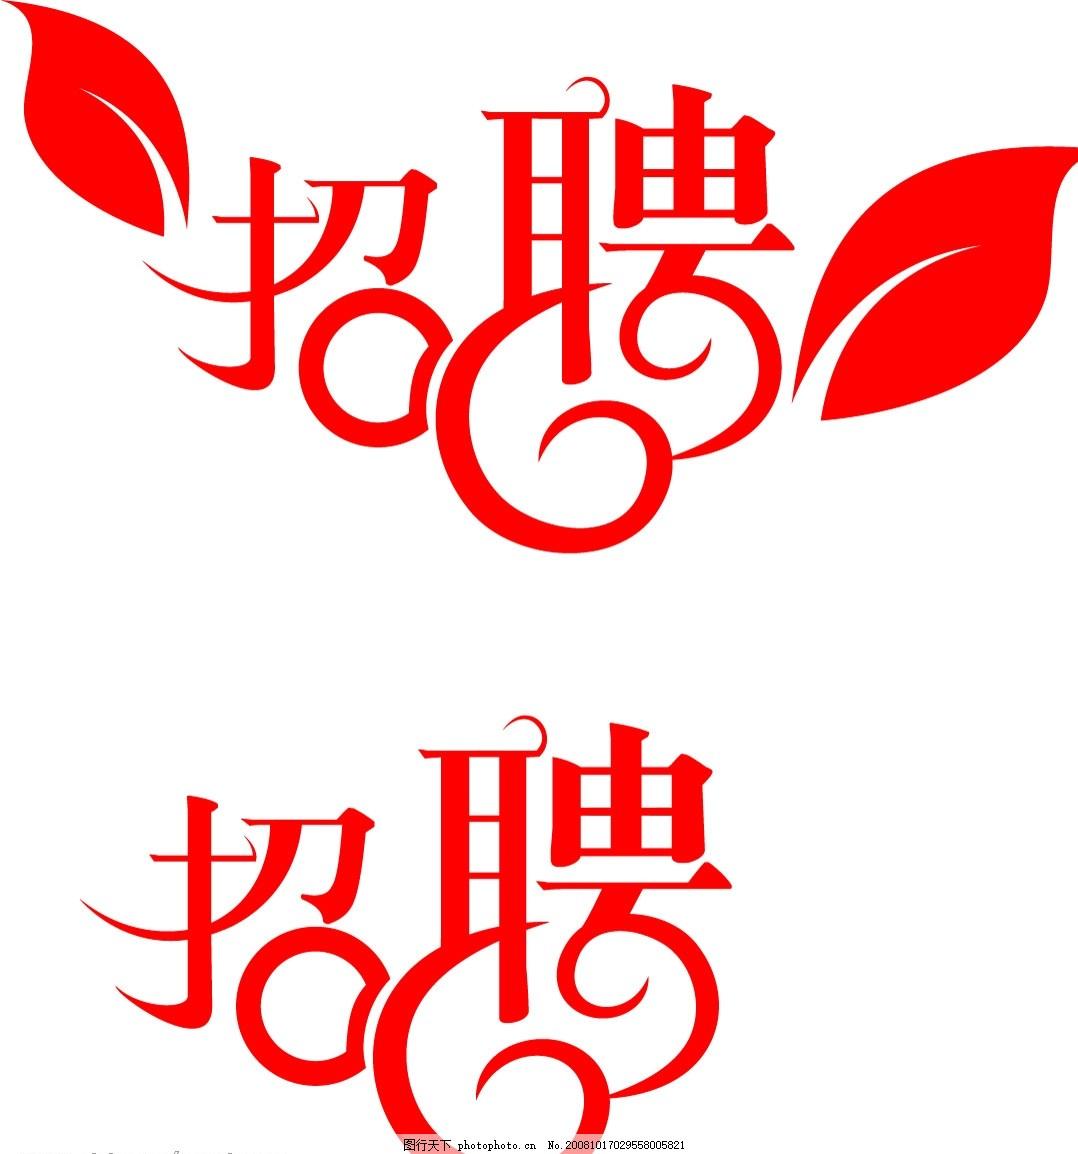 logo logo 标志 设计 矢量 矢量图 素材 图标 1078_1154